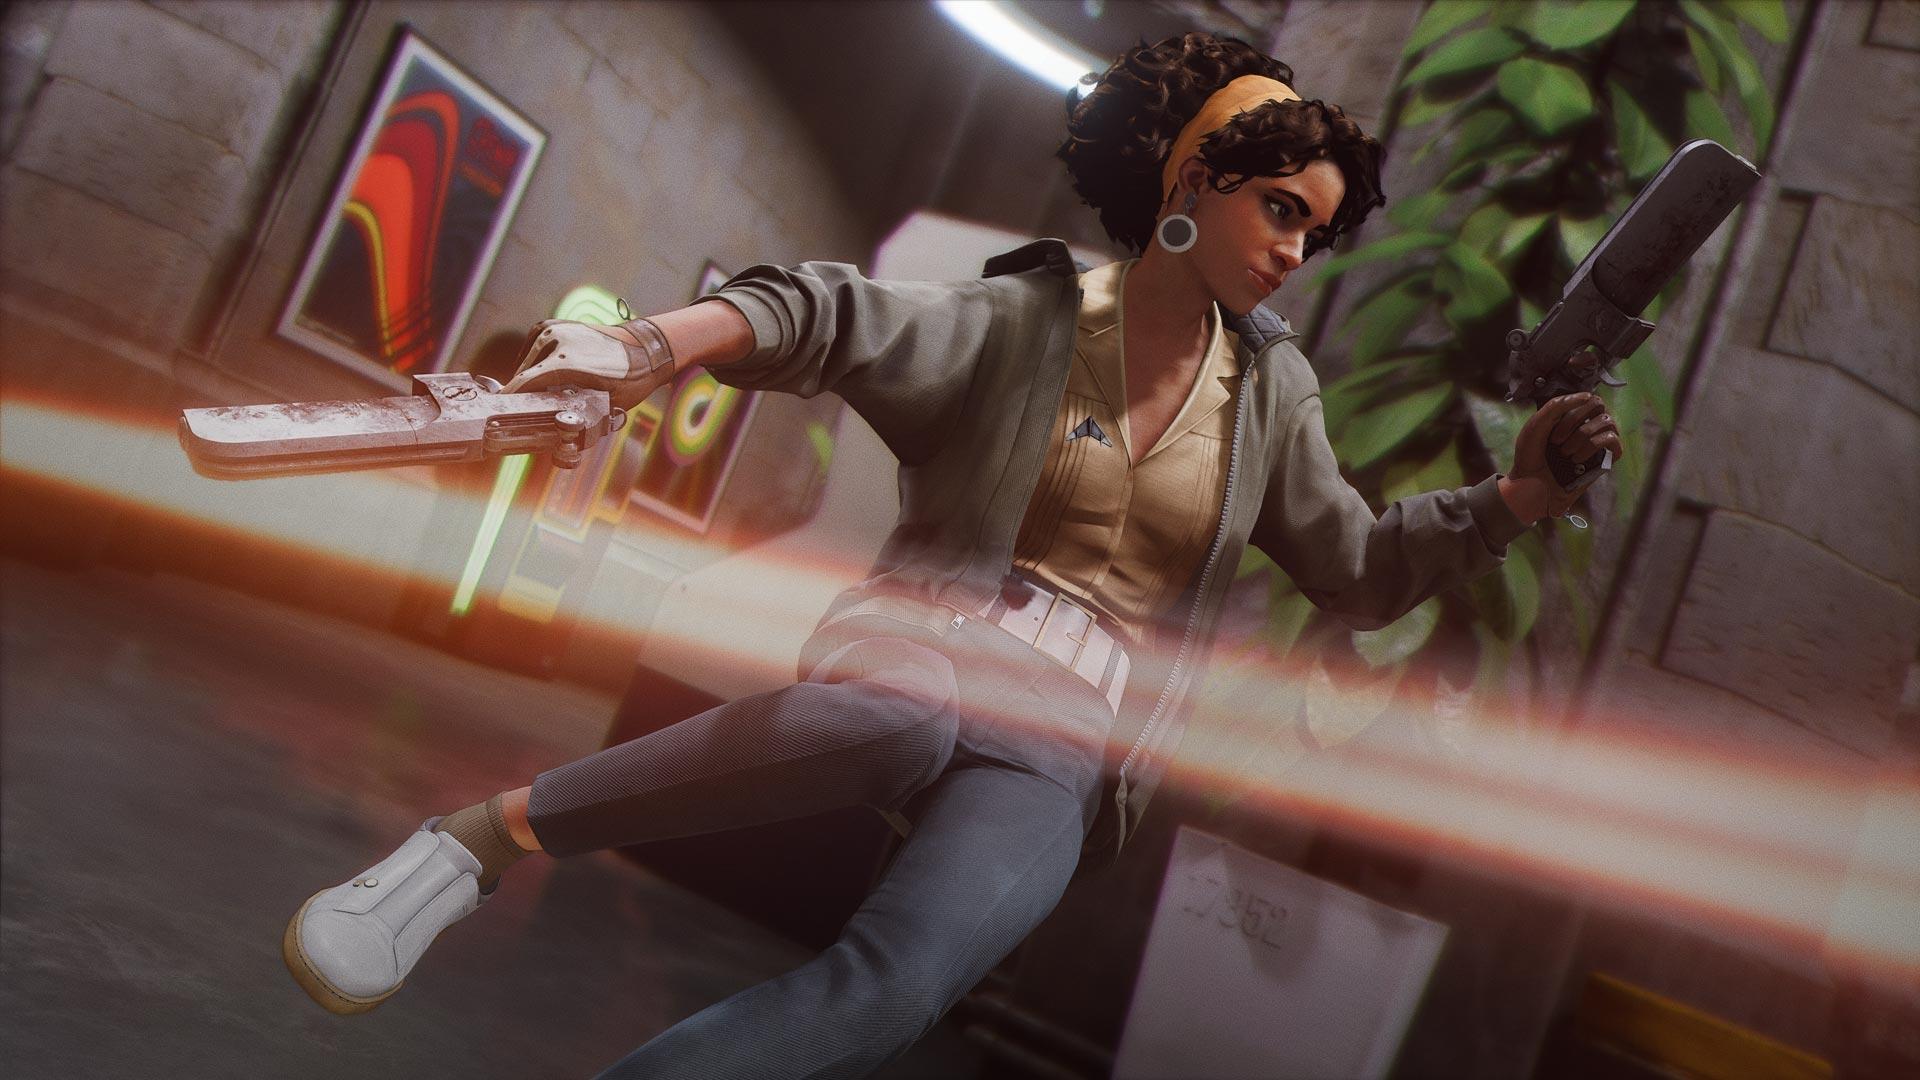 Eine Frau weicht einem Schuss aus im Spiel Deathloop